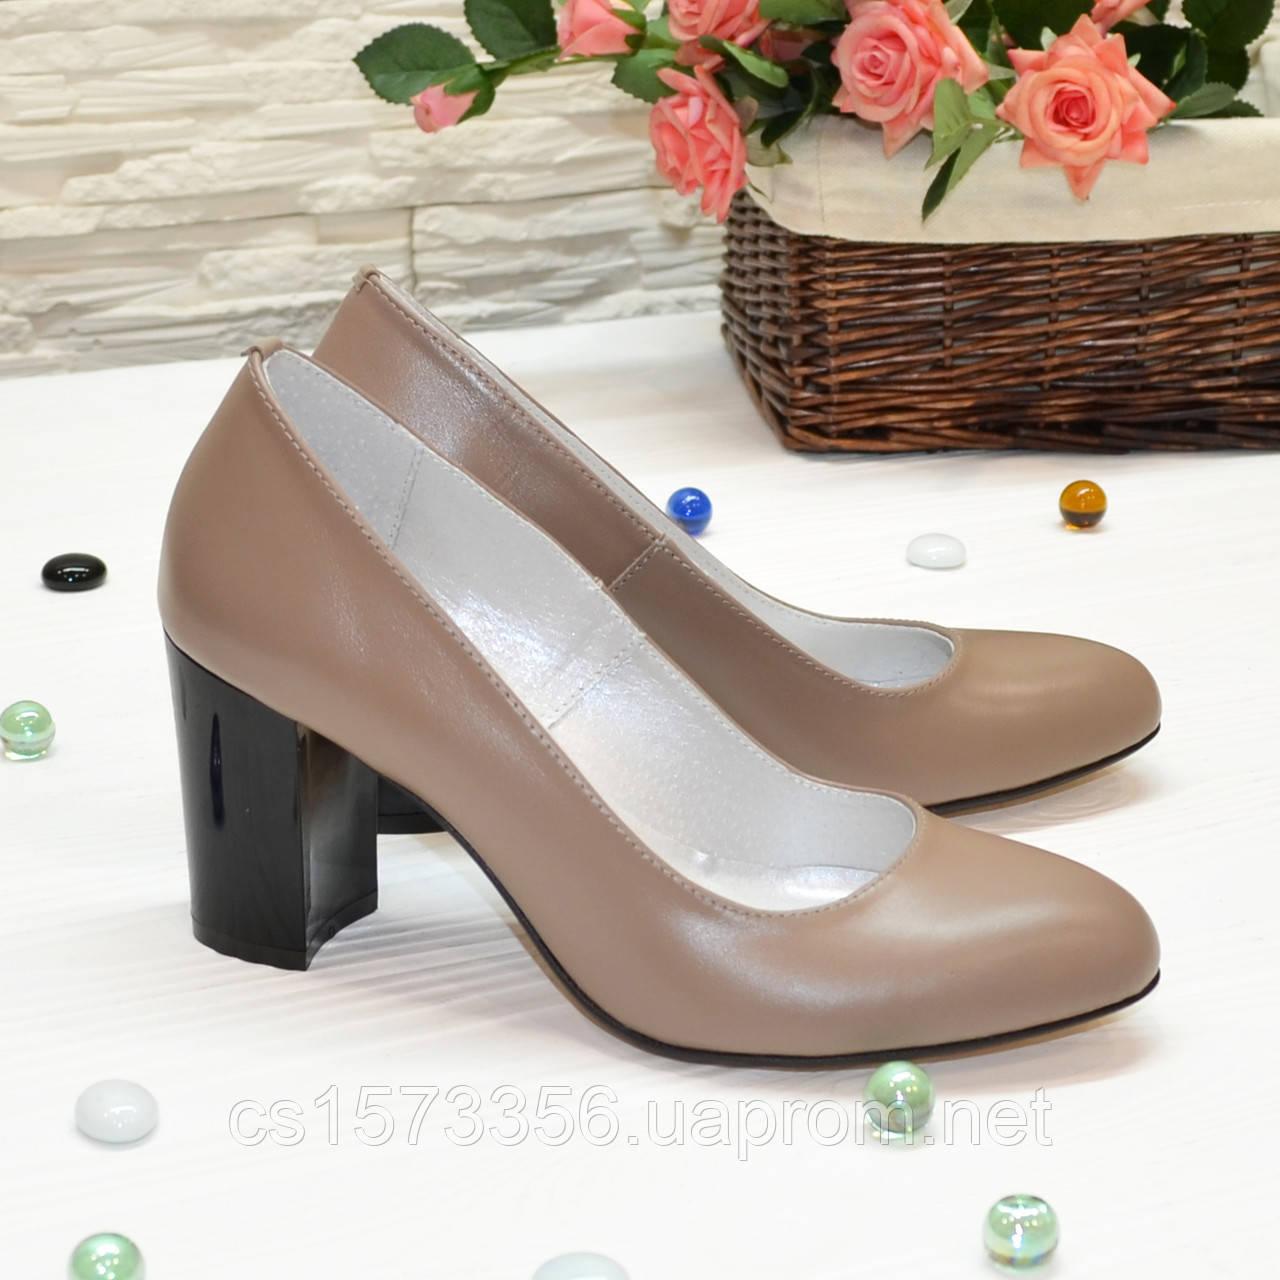 Туфли женские кожаные классические на устойчивом каблуке